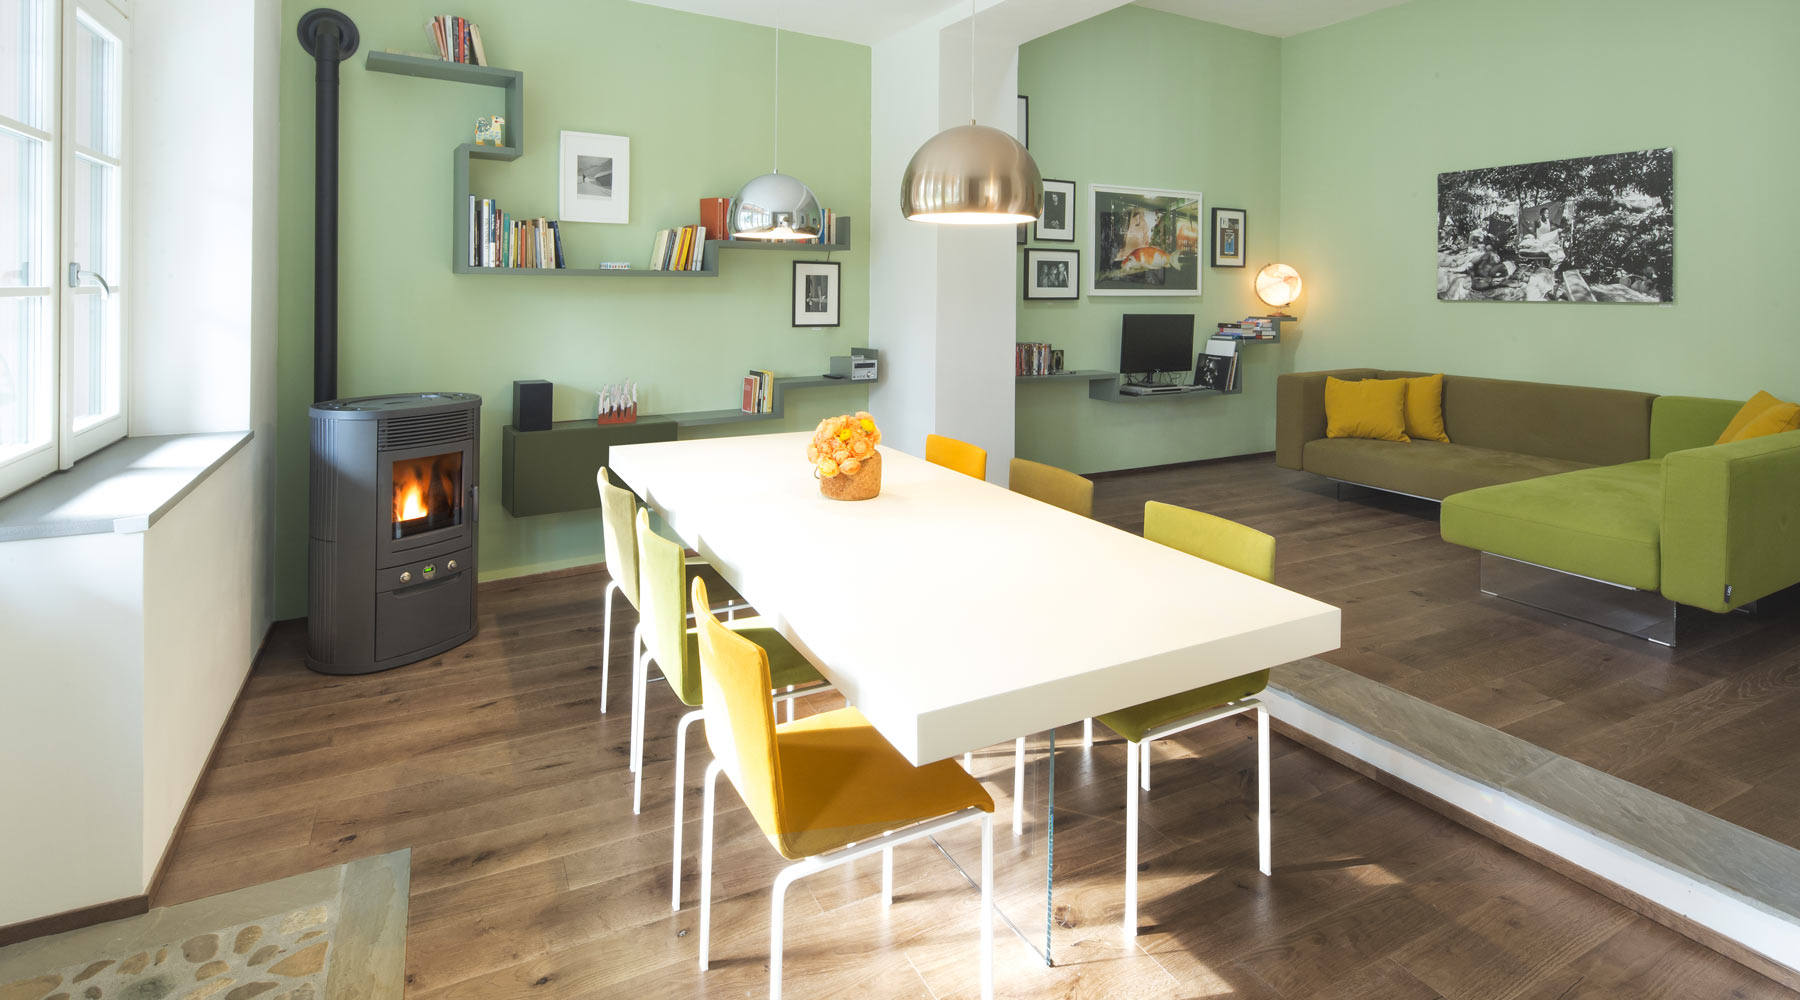 lago-welcome-nel-verde-soggiorno-di-design